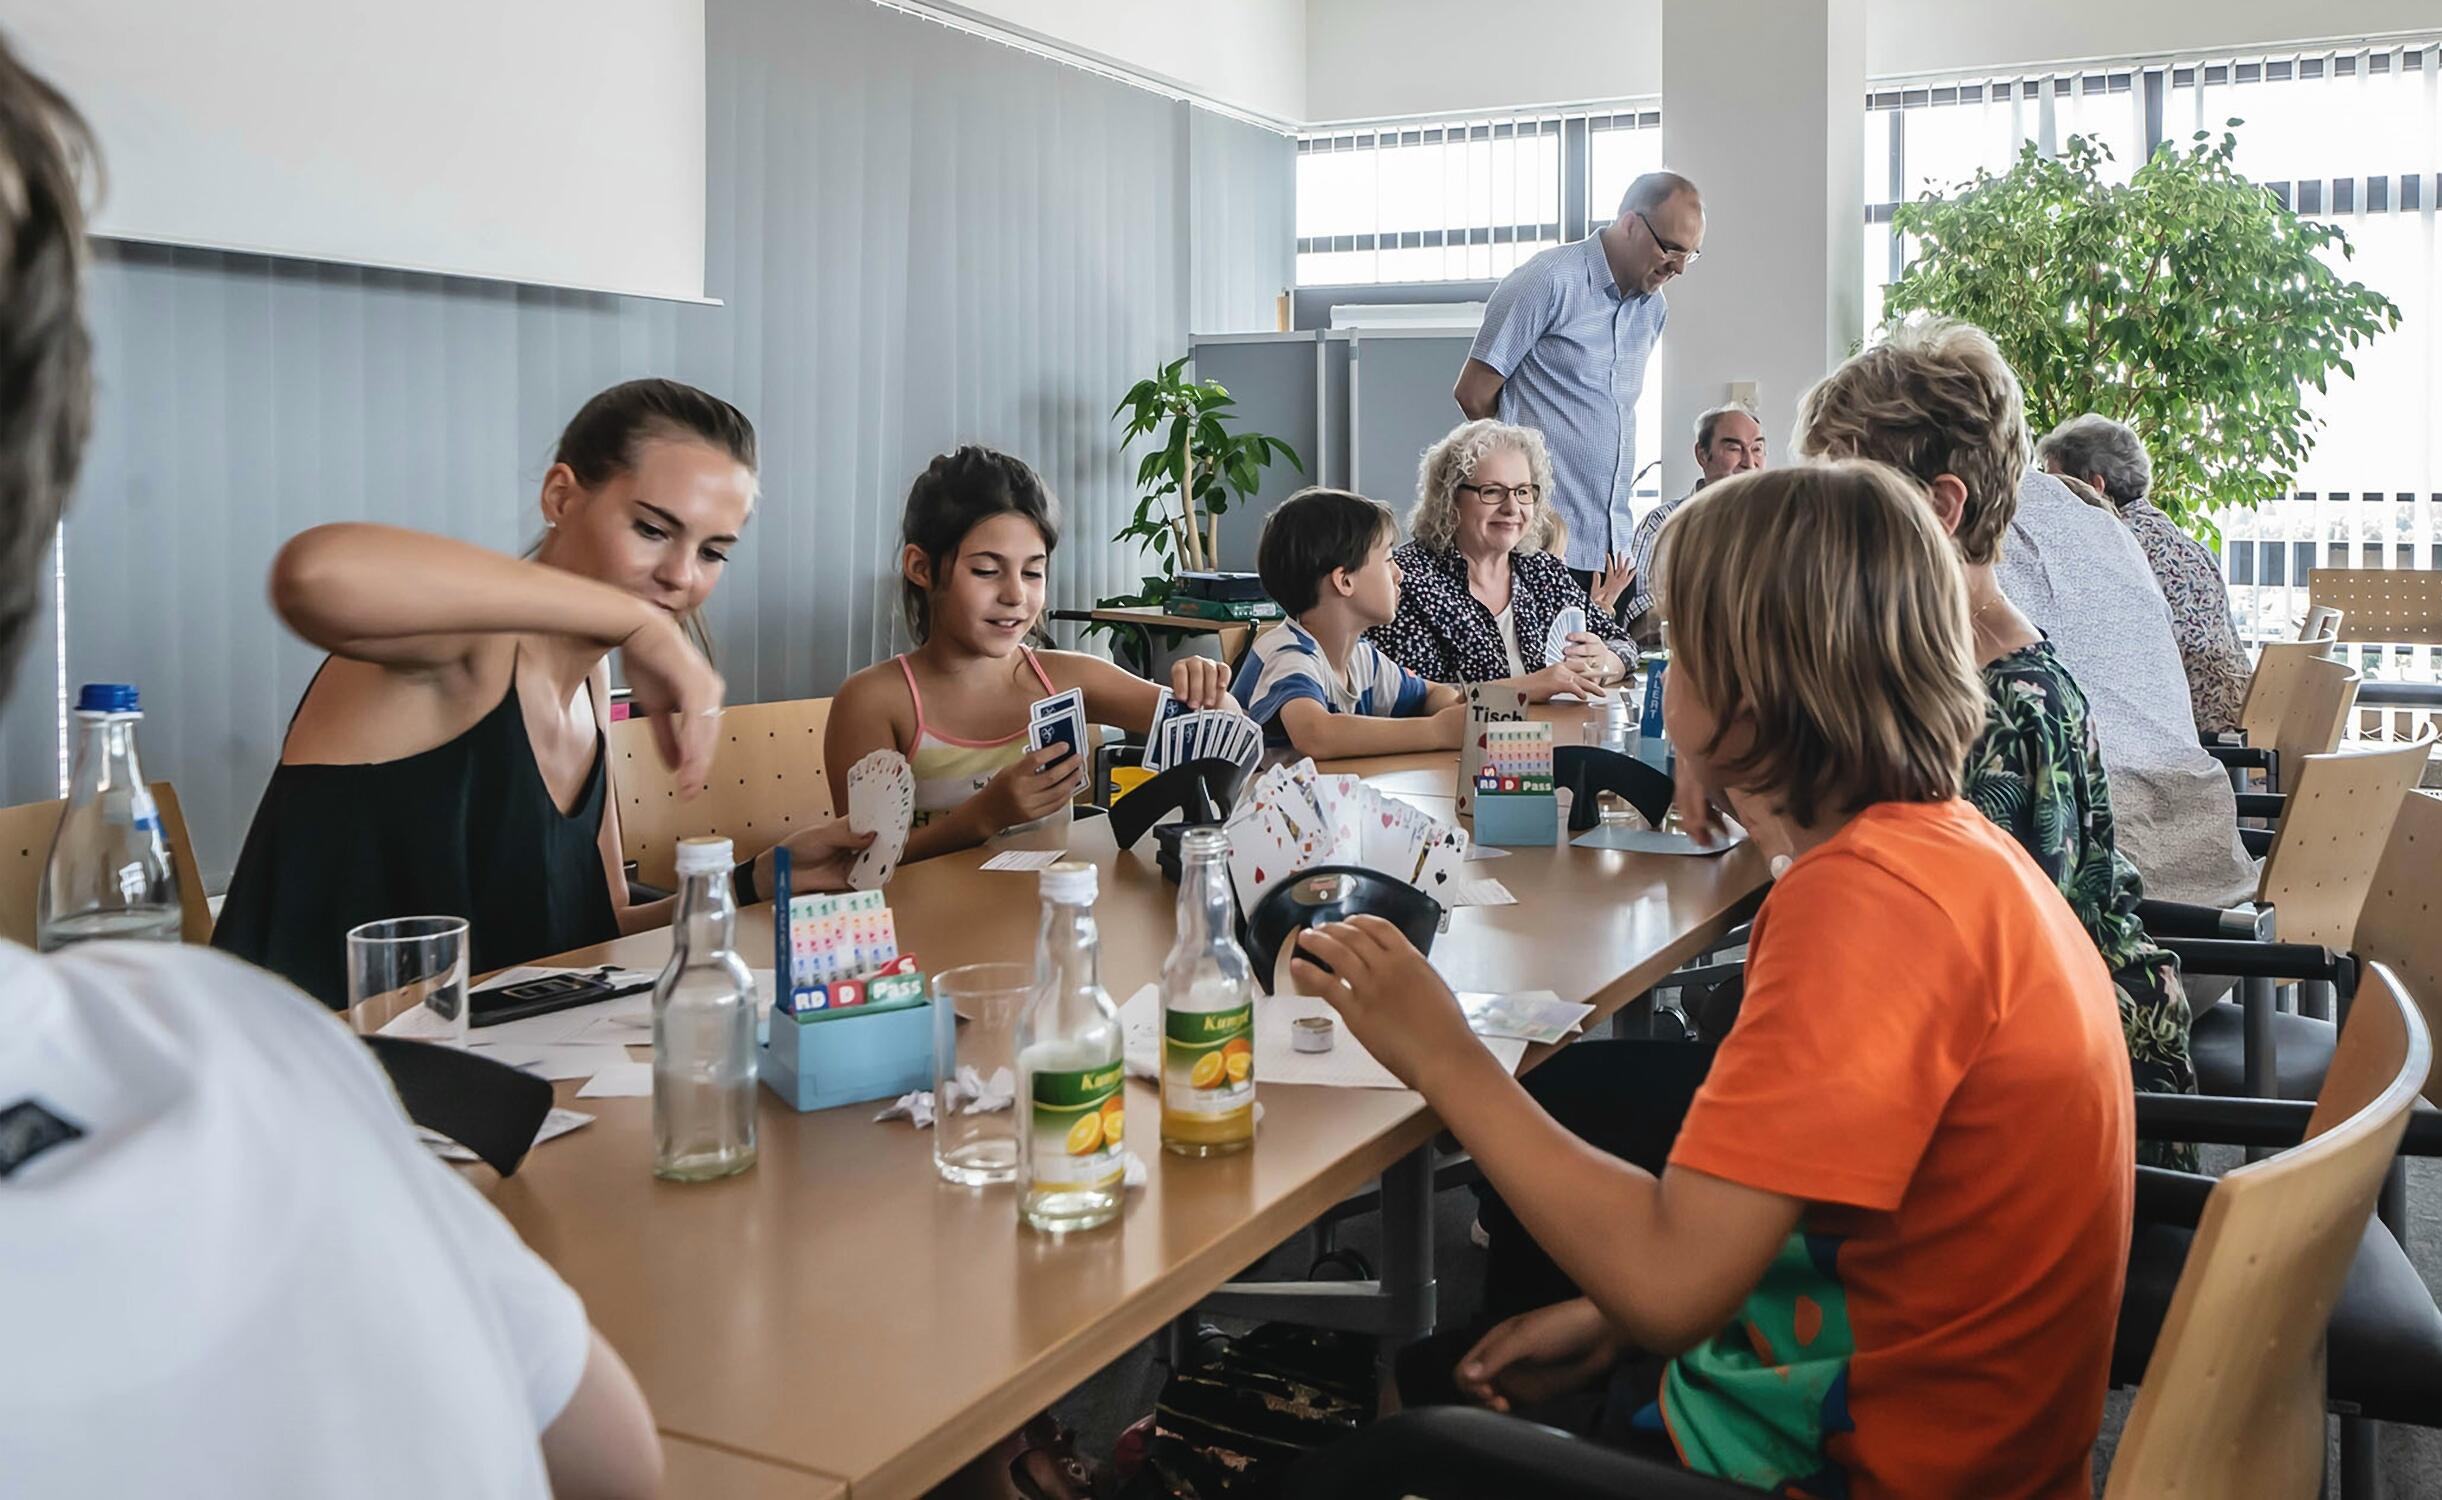 """Am 25. Juli lud die Sparkasse Fürth – gemeinsam mit der Initiative """"Bridge-Stadt Fürth"""" - zum 3. Fürther Sparkassen-Pokal."""